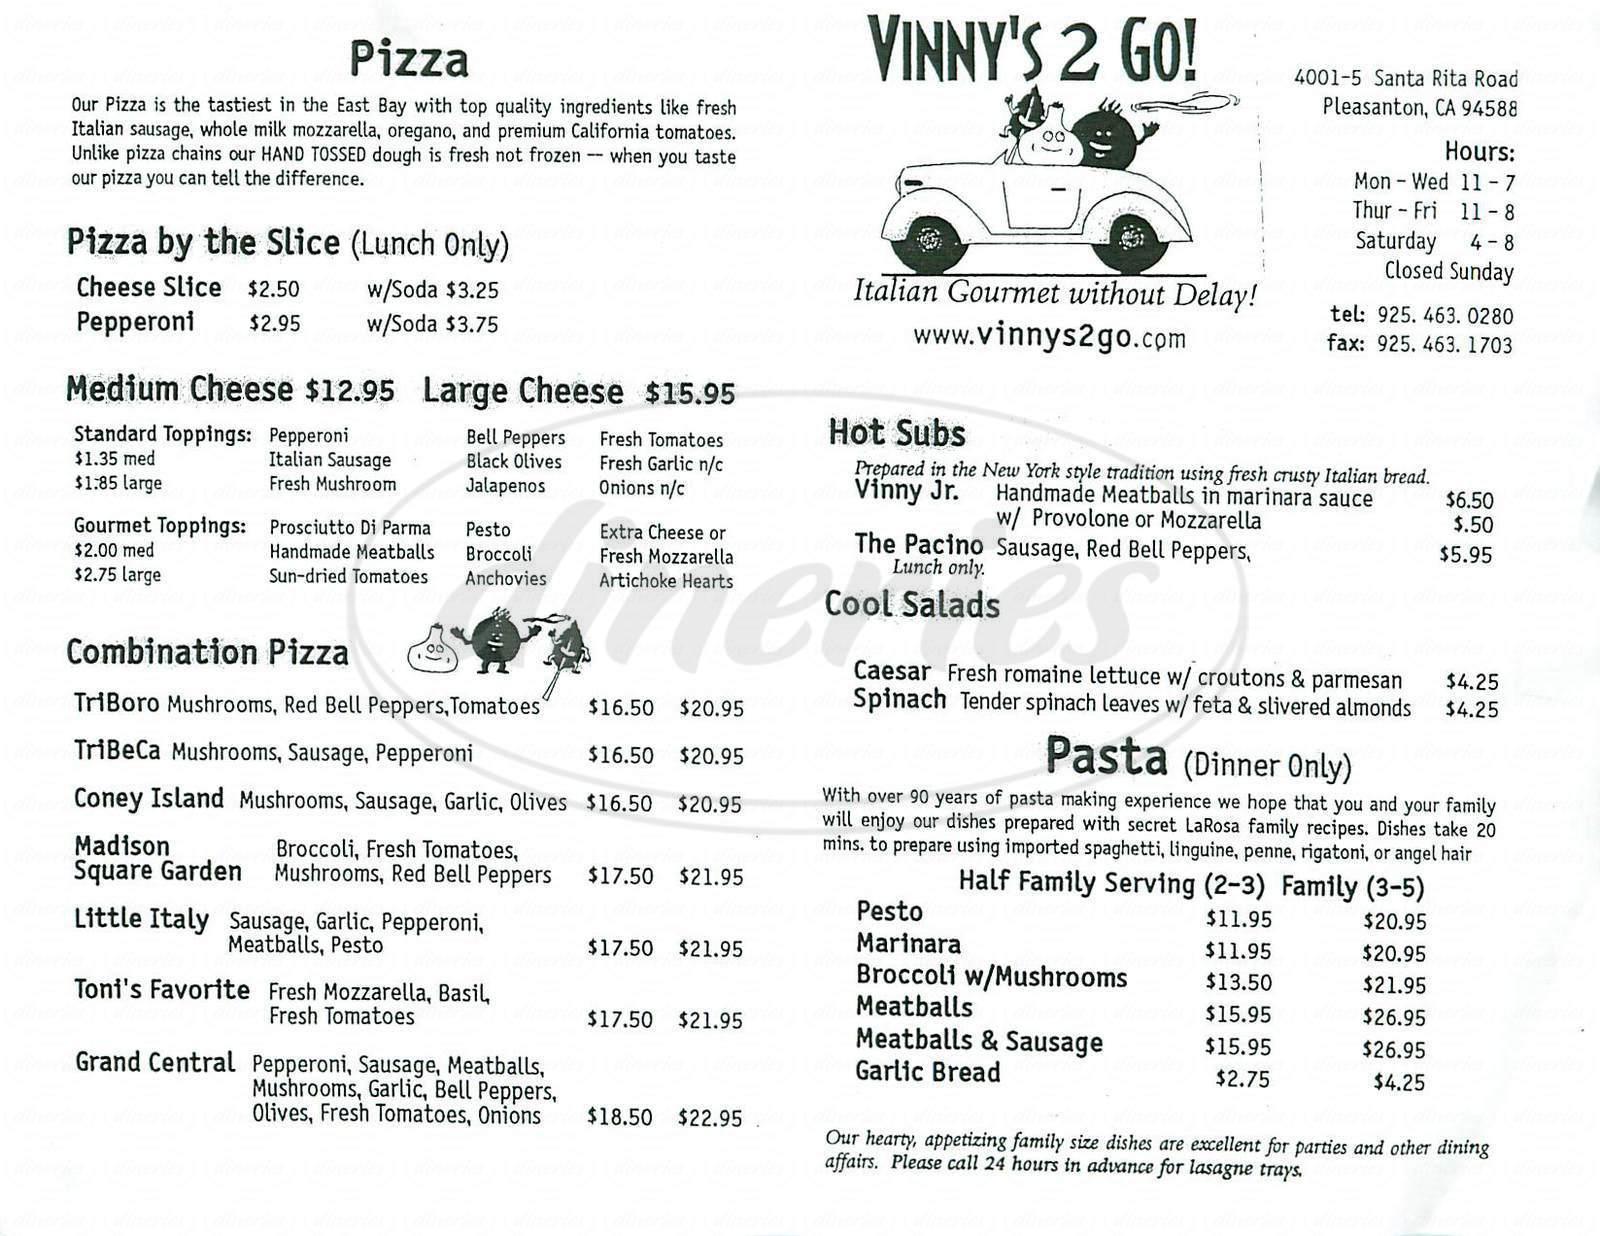 menu for Vinnys 2 Go